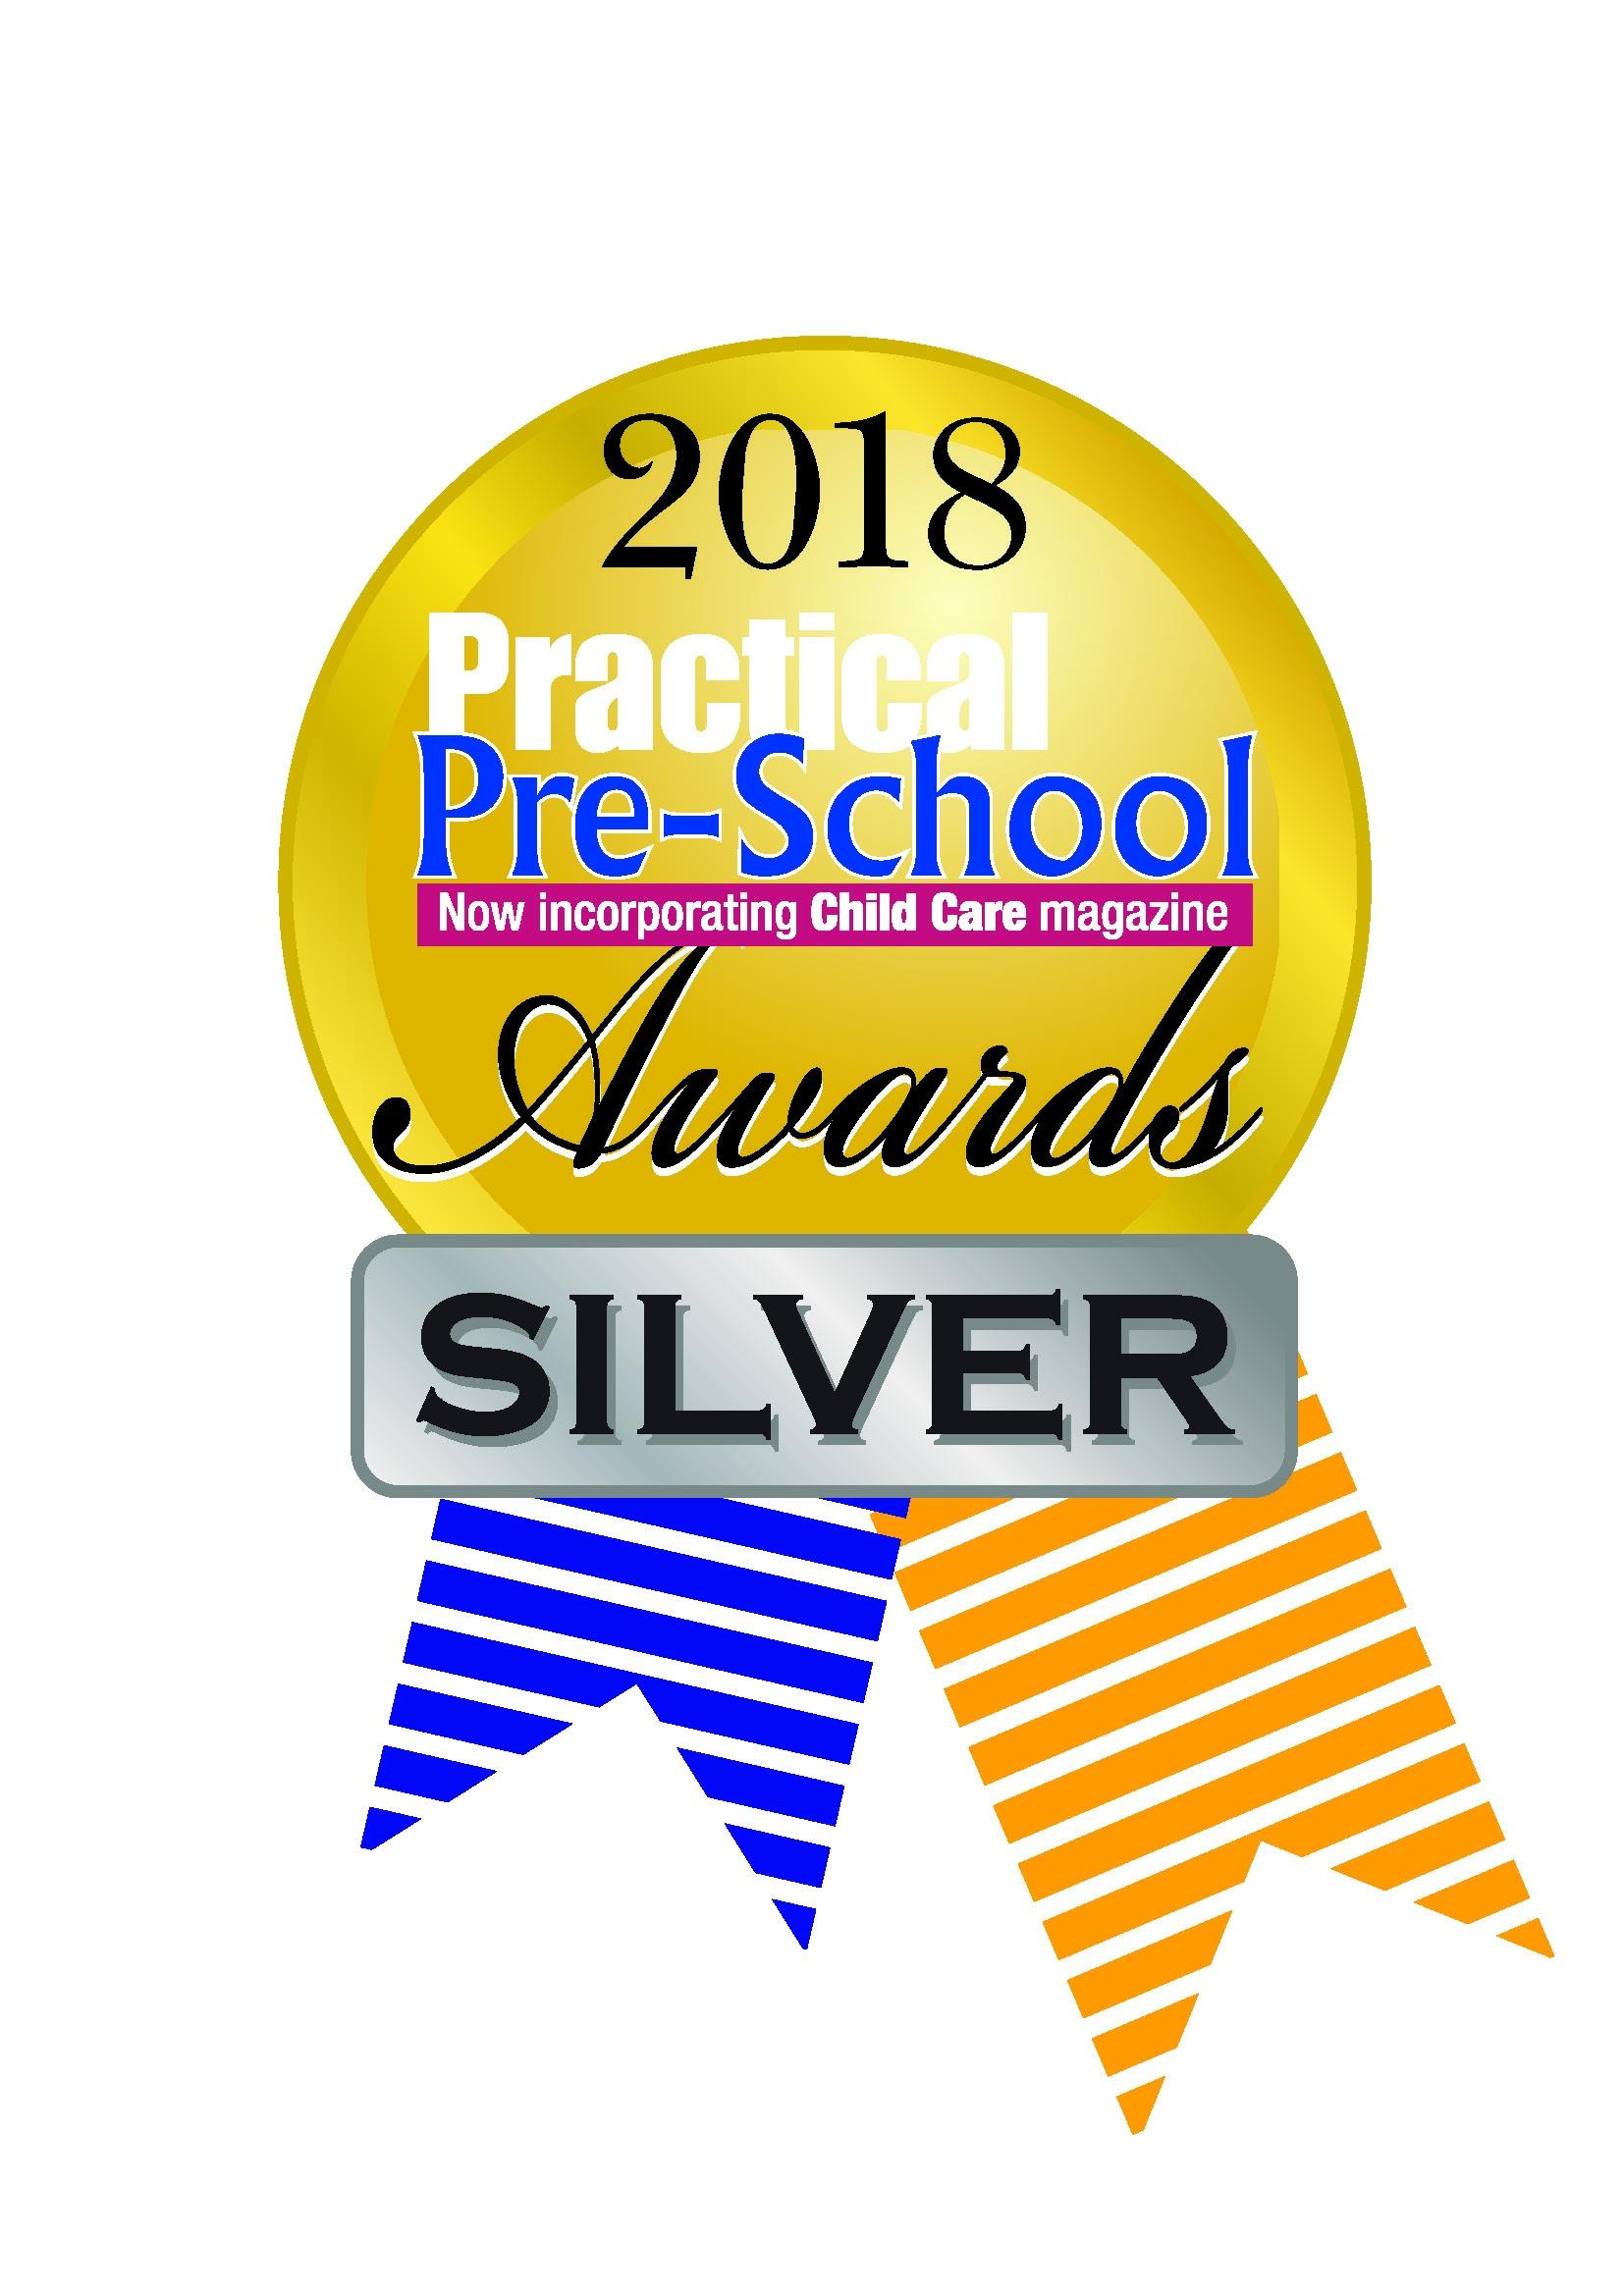 PPS Silver Award 2018 logo